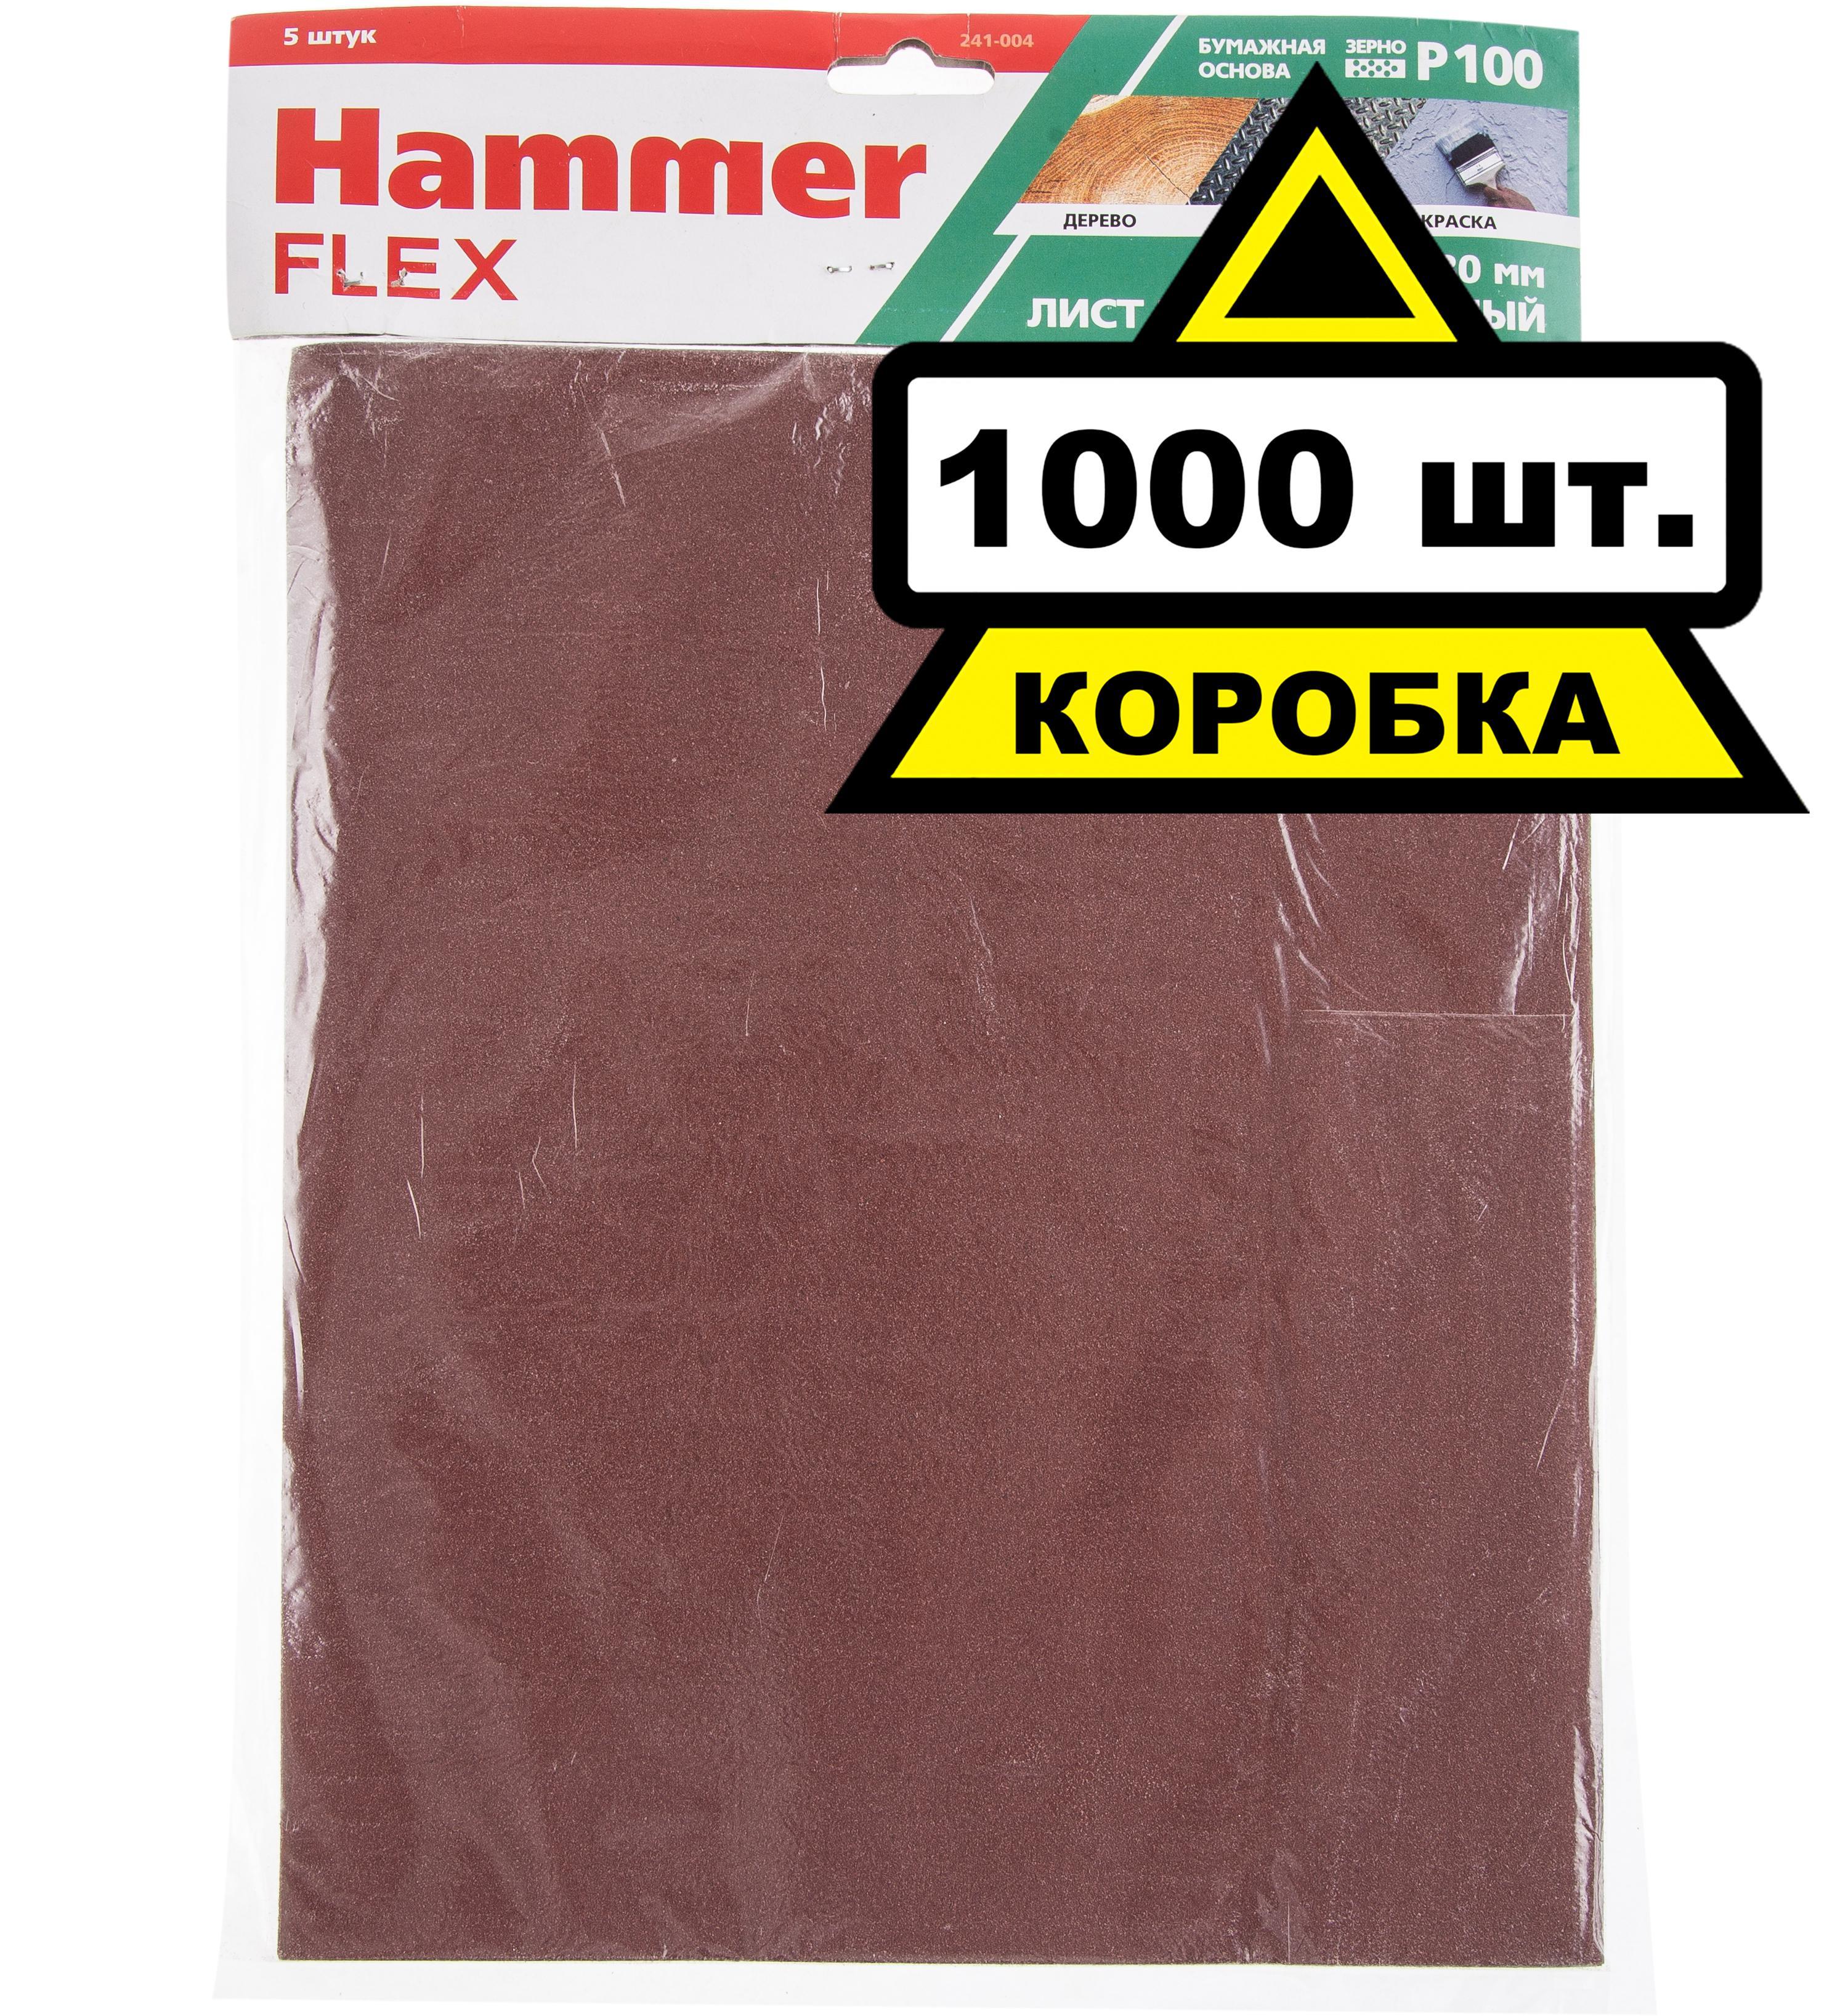 Купить Лист шлифовальный Hammer 230x280мм p100 бумажная основа